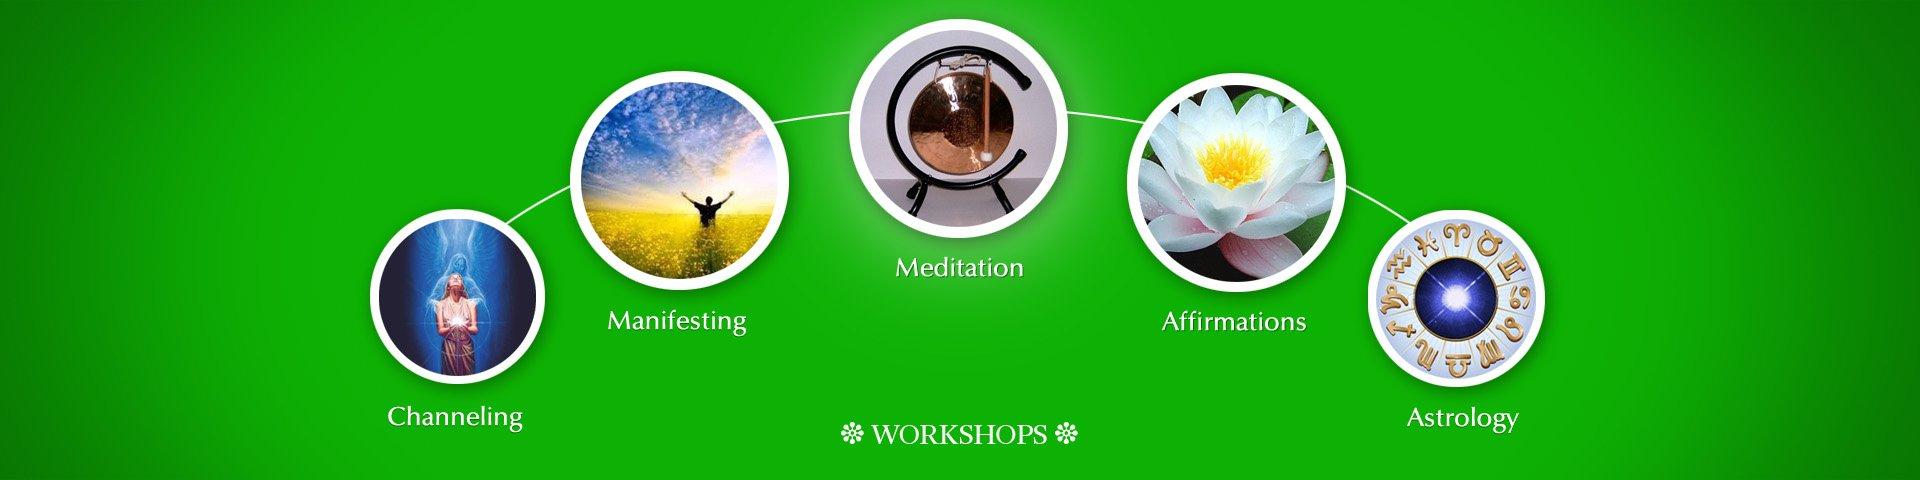 maitreya-online-workshops